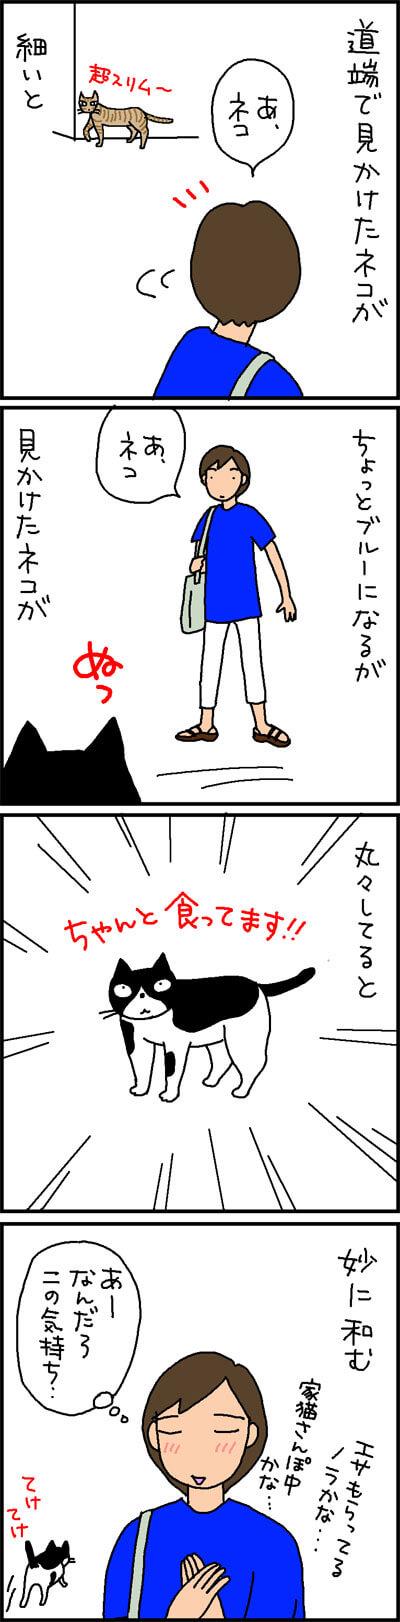 外で見かけた猫の4コマ猫漫画